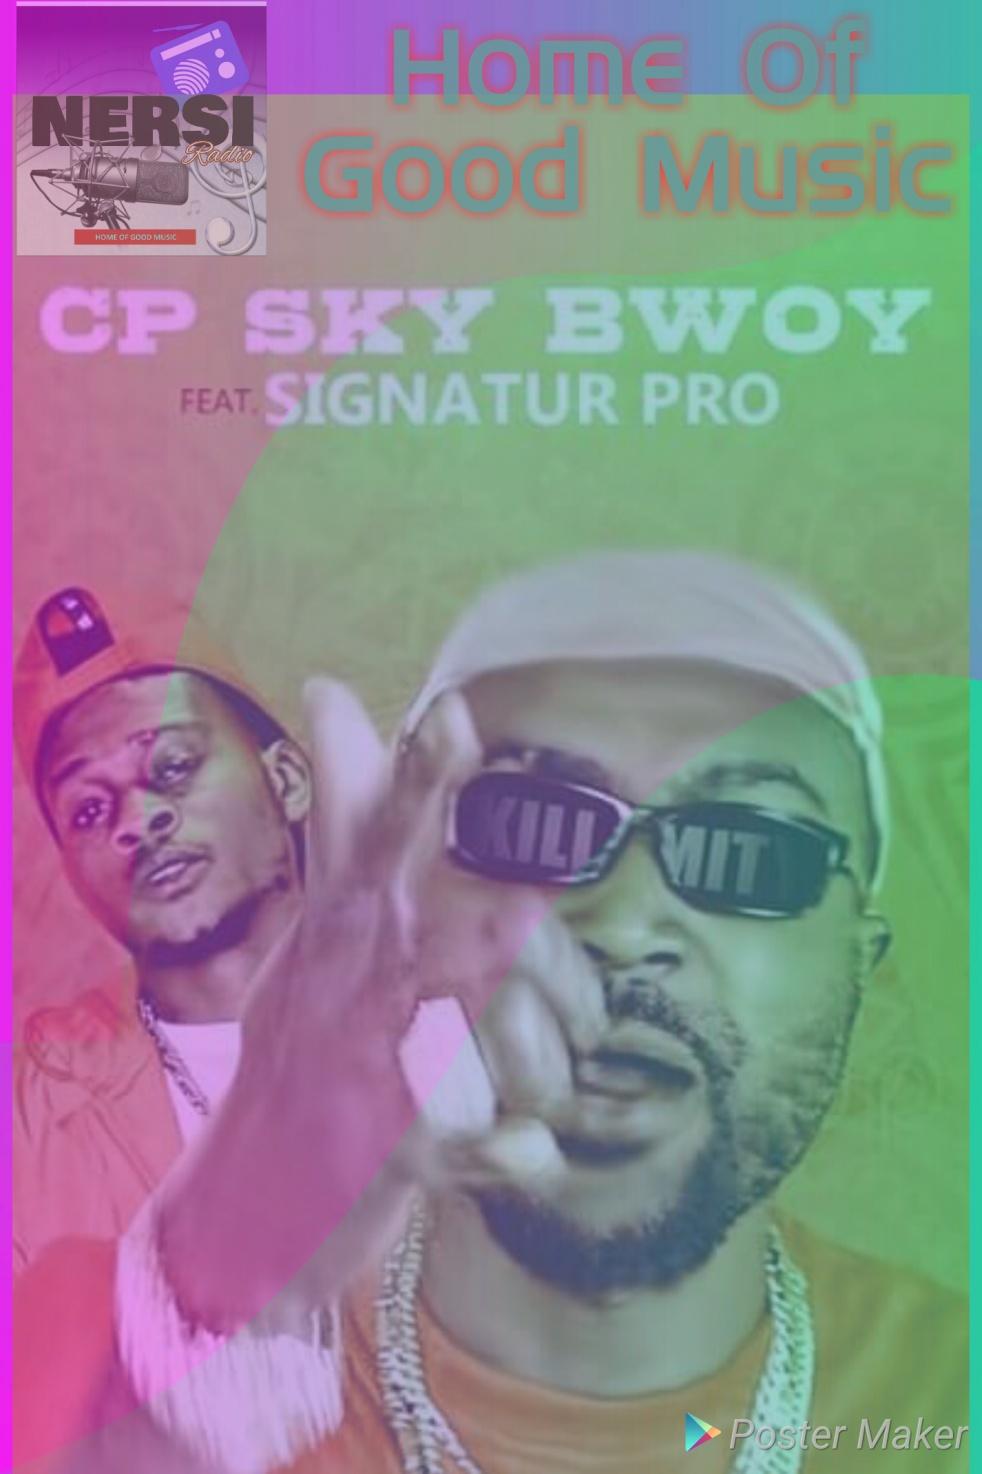 Cp Sky Bowy - immagine di copertina dello show